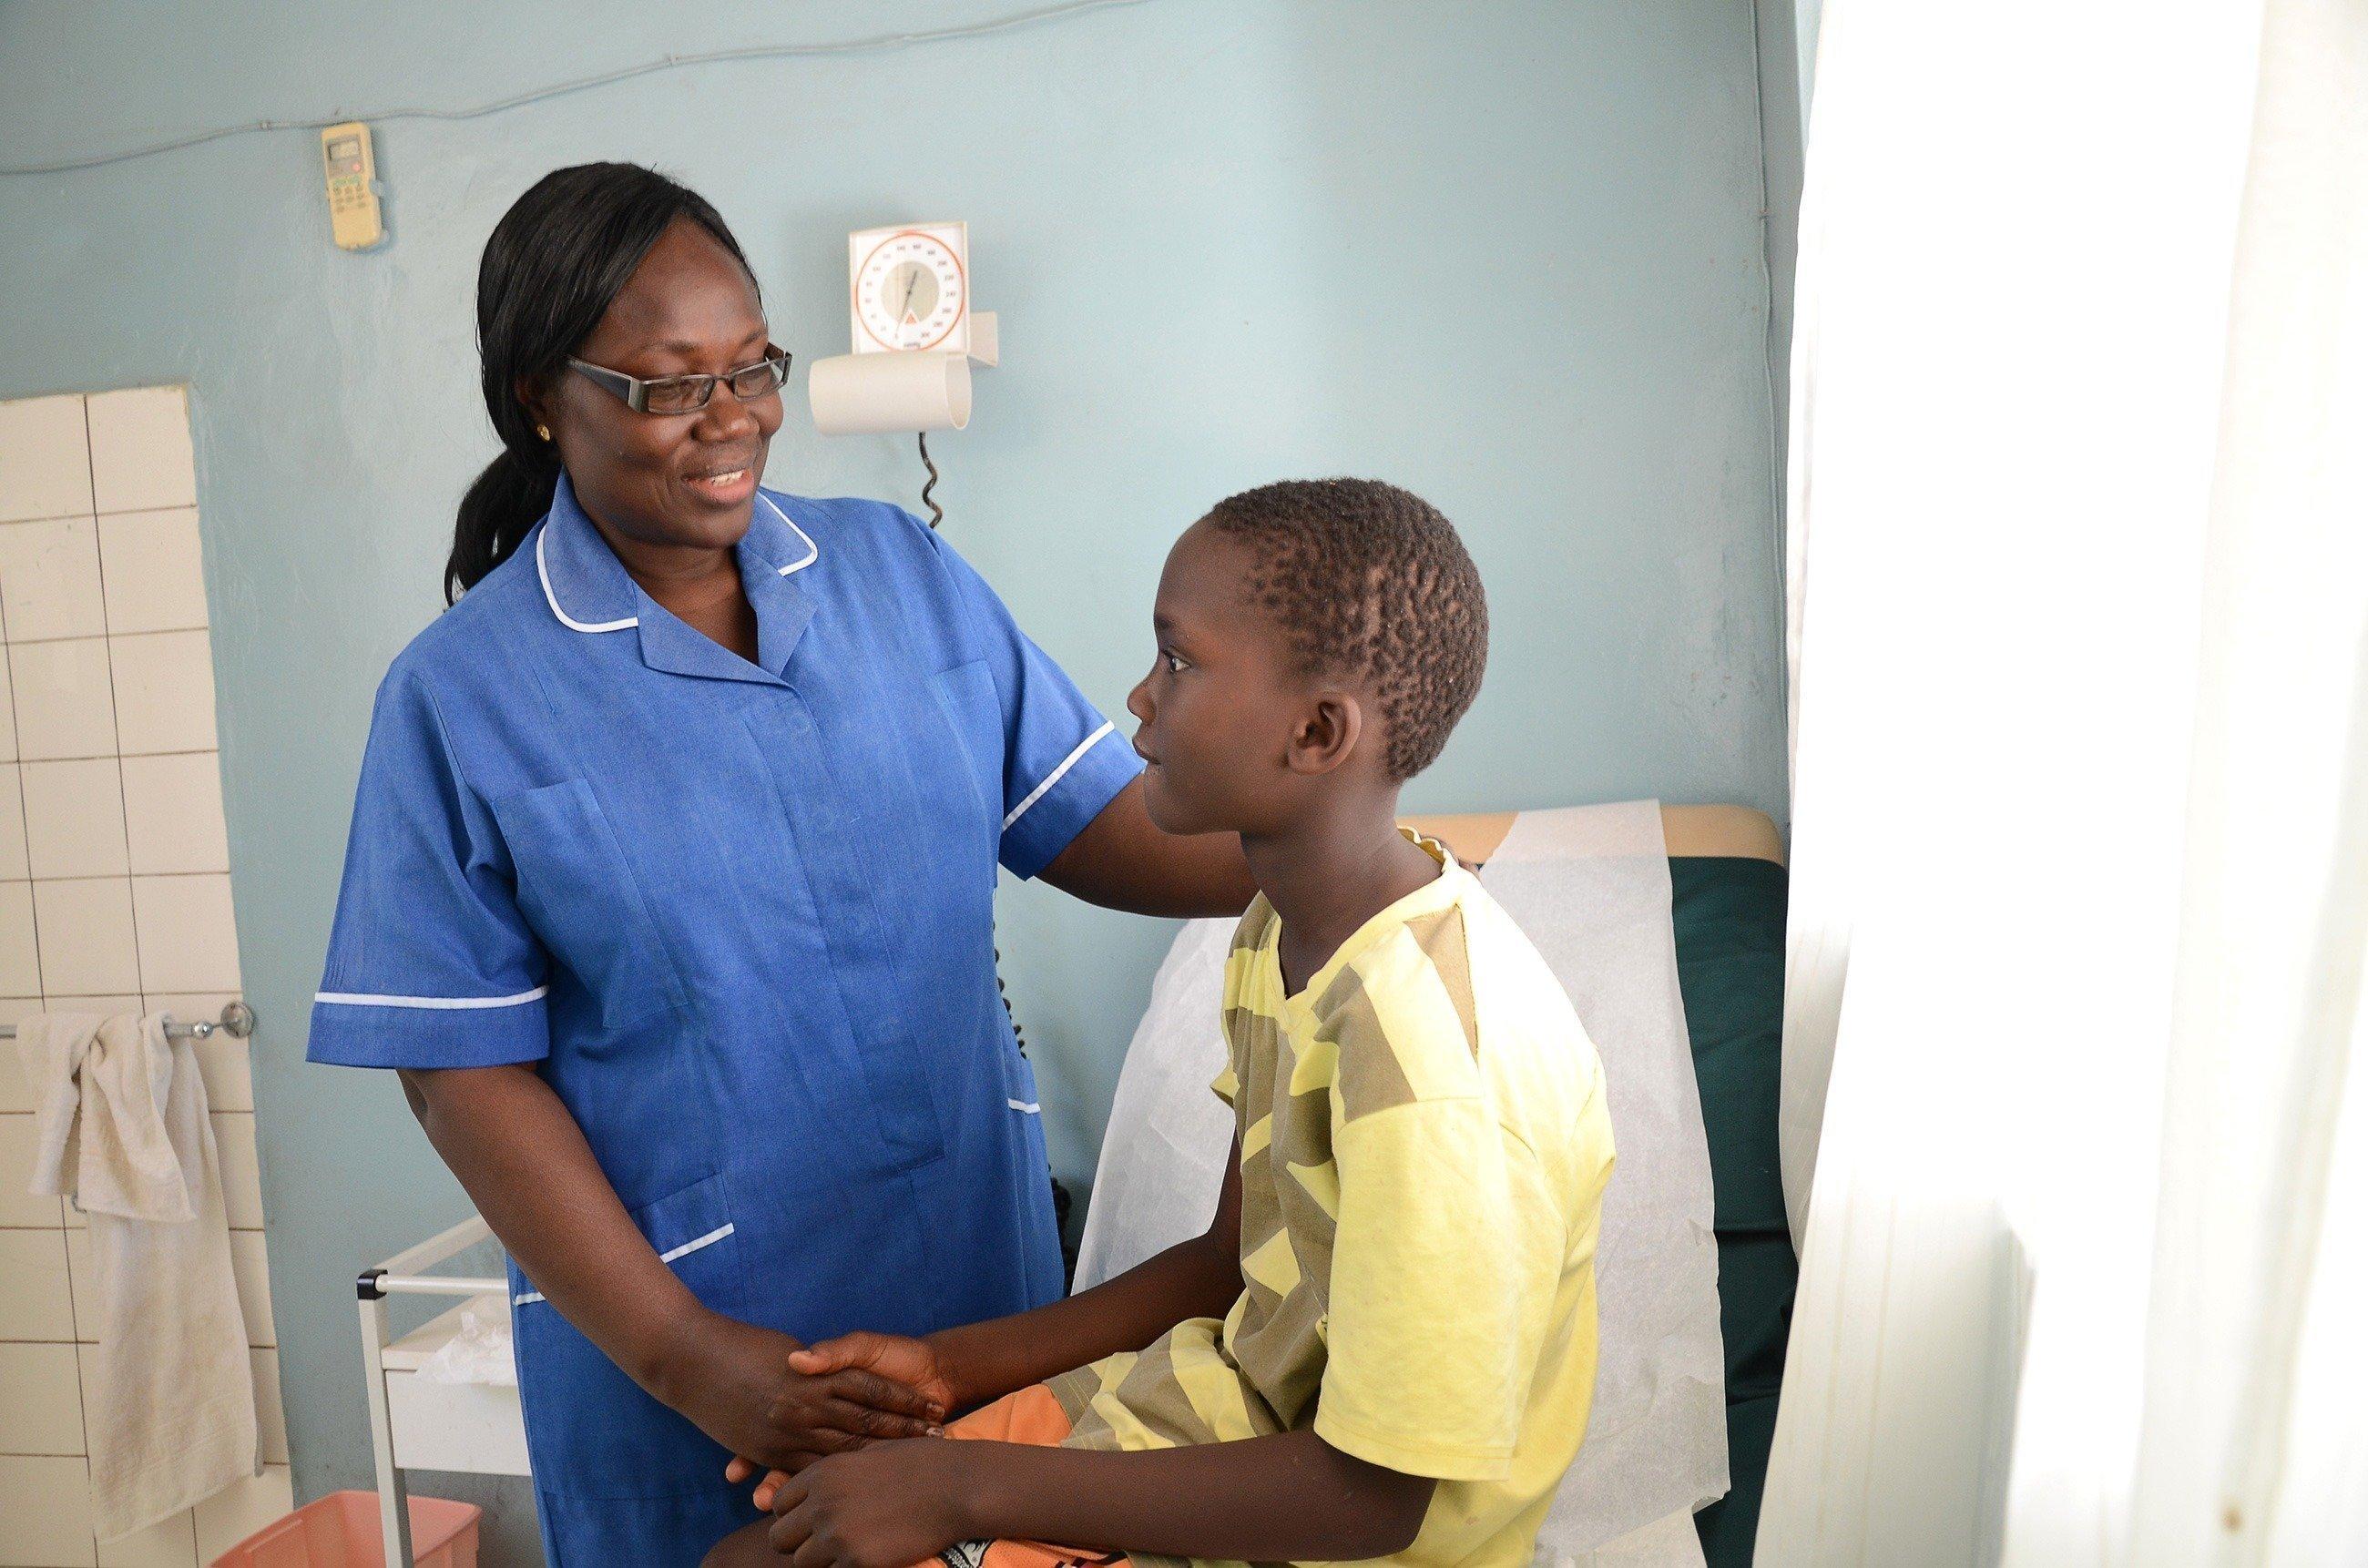 Une infirmière soigne un adolescent.